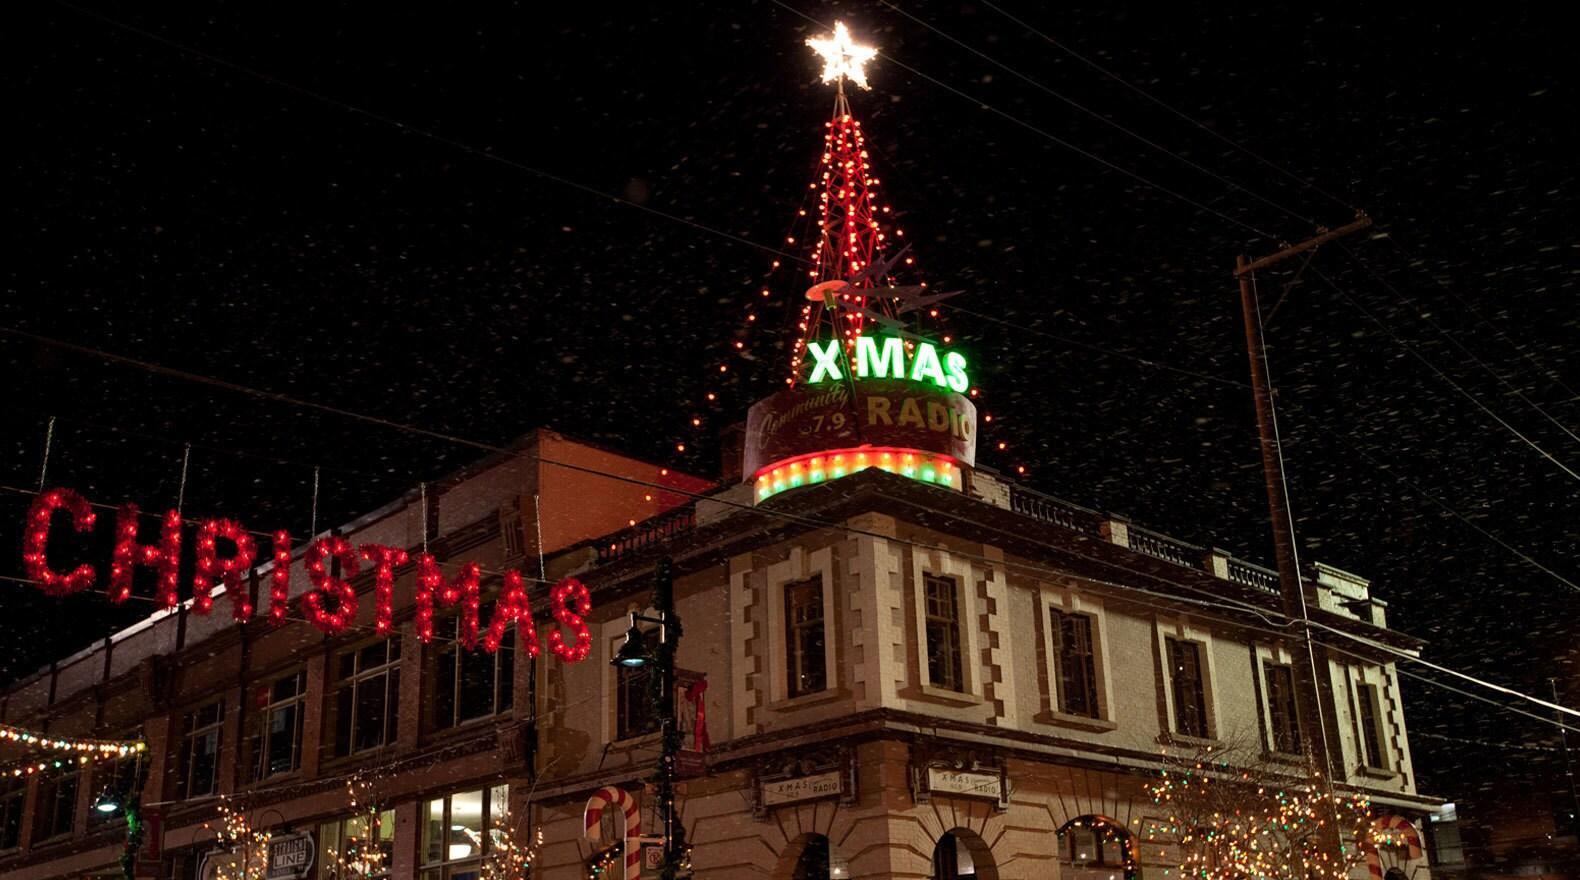 Christmas lights atop  a radio station